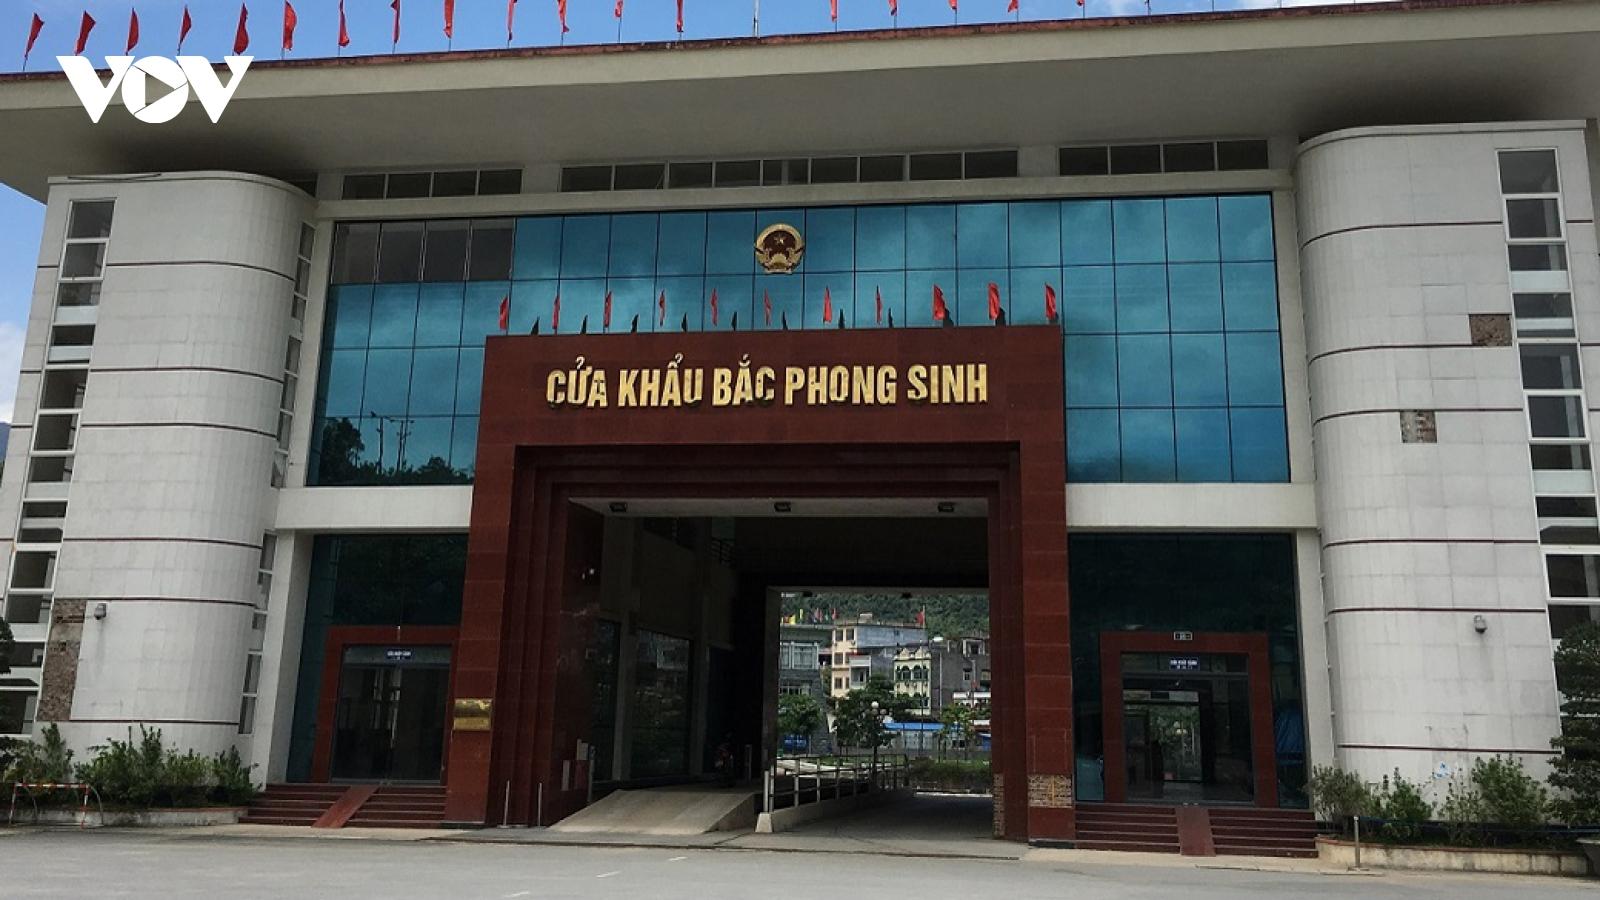 Xem xét thay thế cán bộ để xảy ra buôn lậu tại cửa khẩu Bắc Phong Sinh